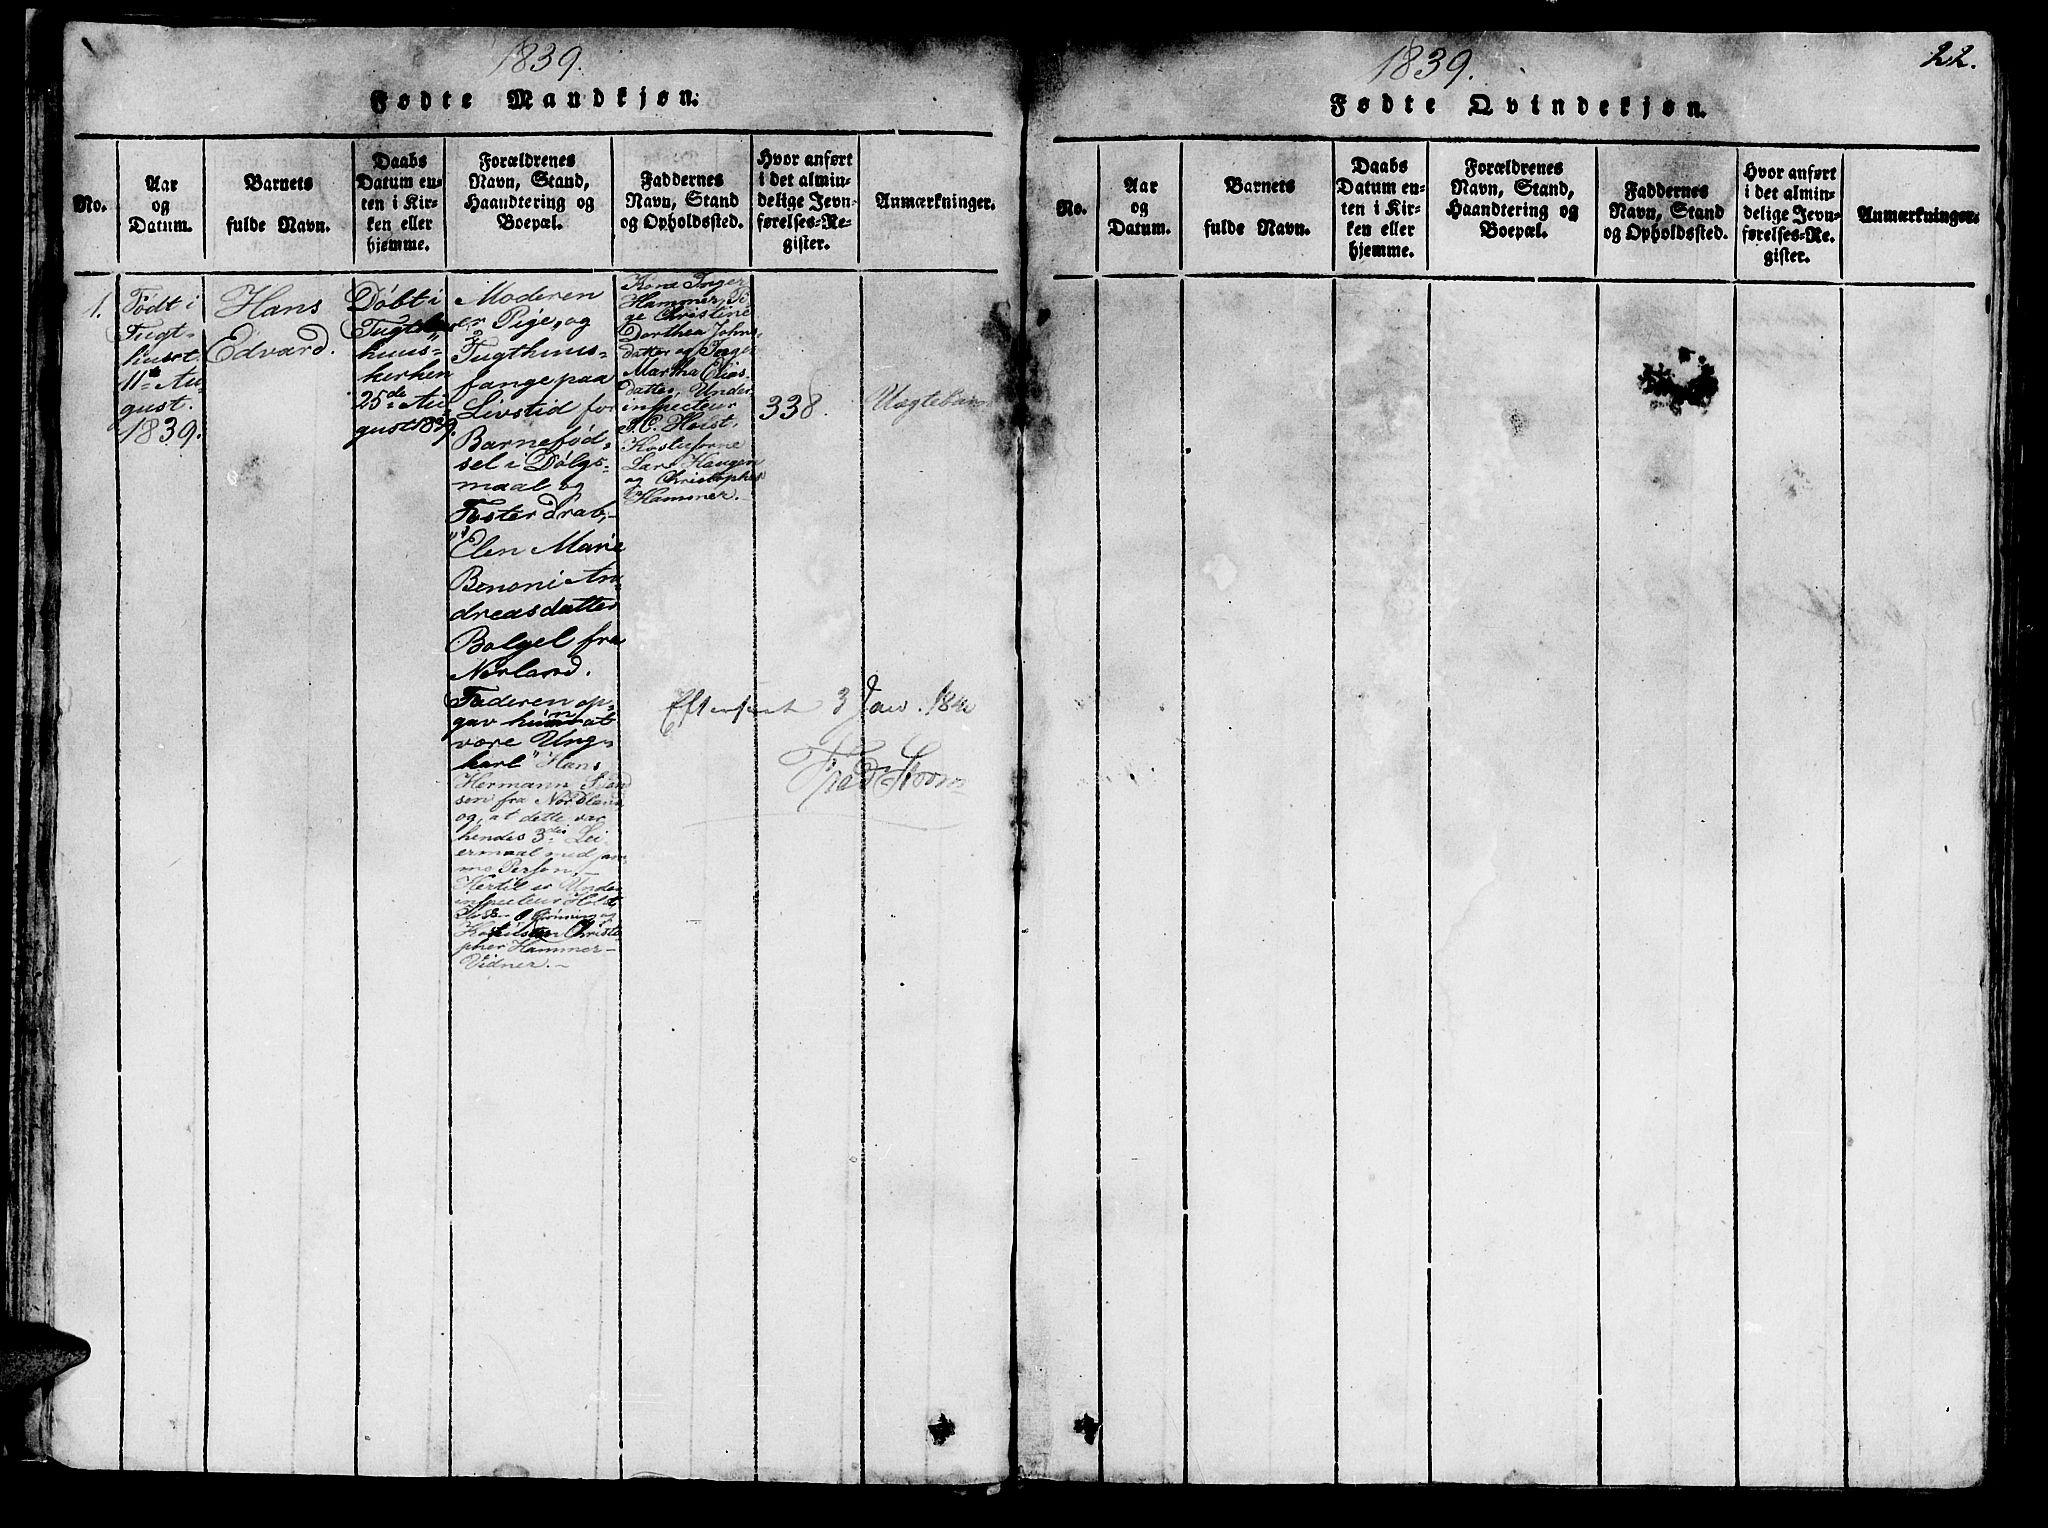 SAT, Ministerialprotokoller, klokkerbøker og fødselsregistre - Sør-Trøndelag, 623/L0478: Klokkerbok nr. 623C01, 1815-1873, s. 22